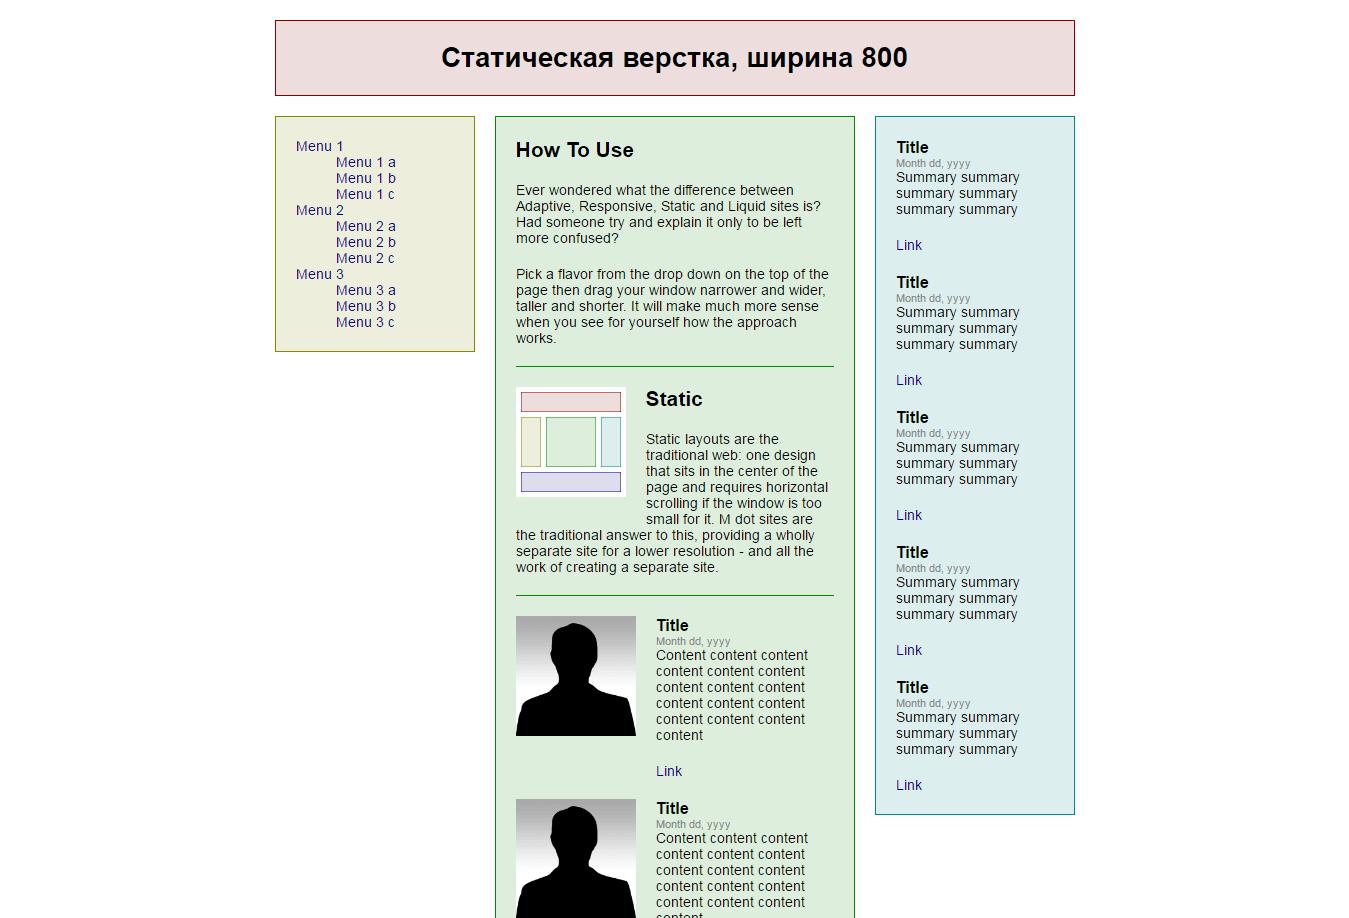 хостинг сайтов во владимире